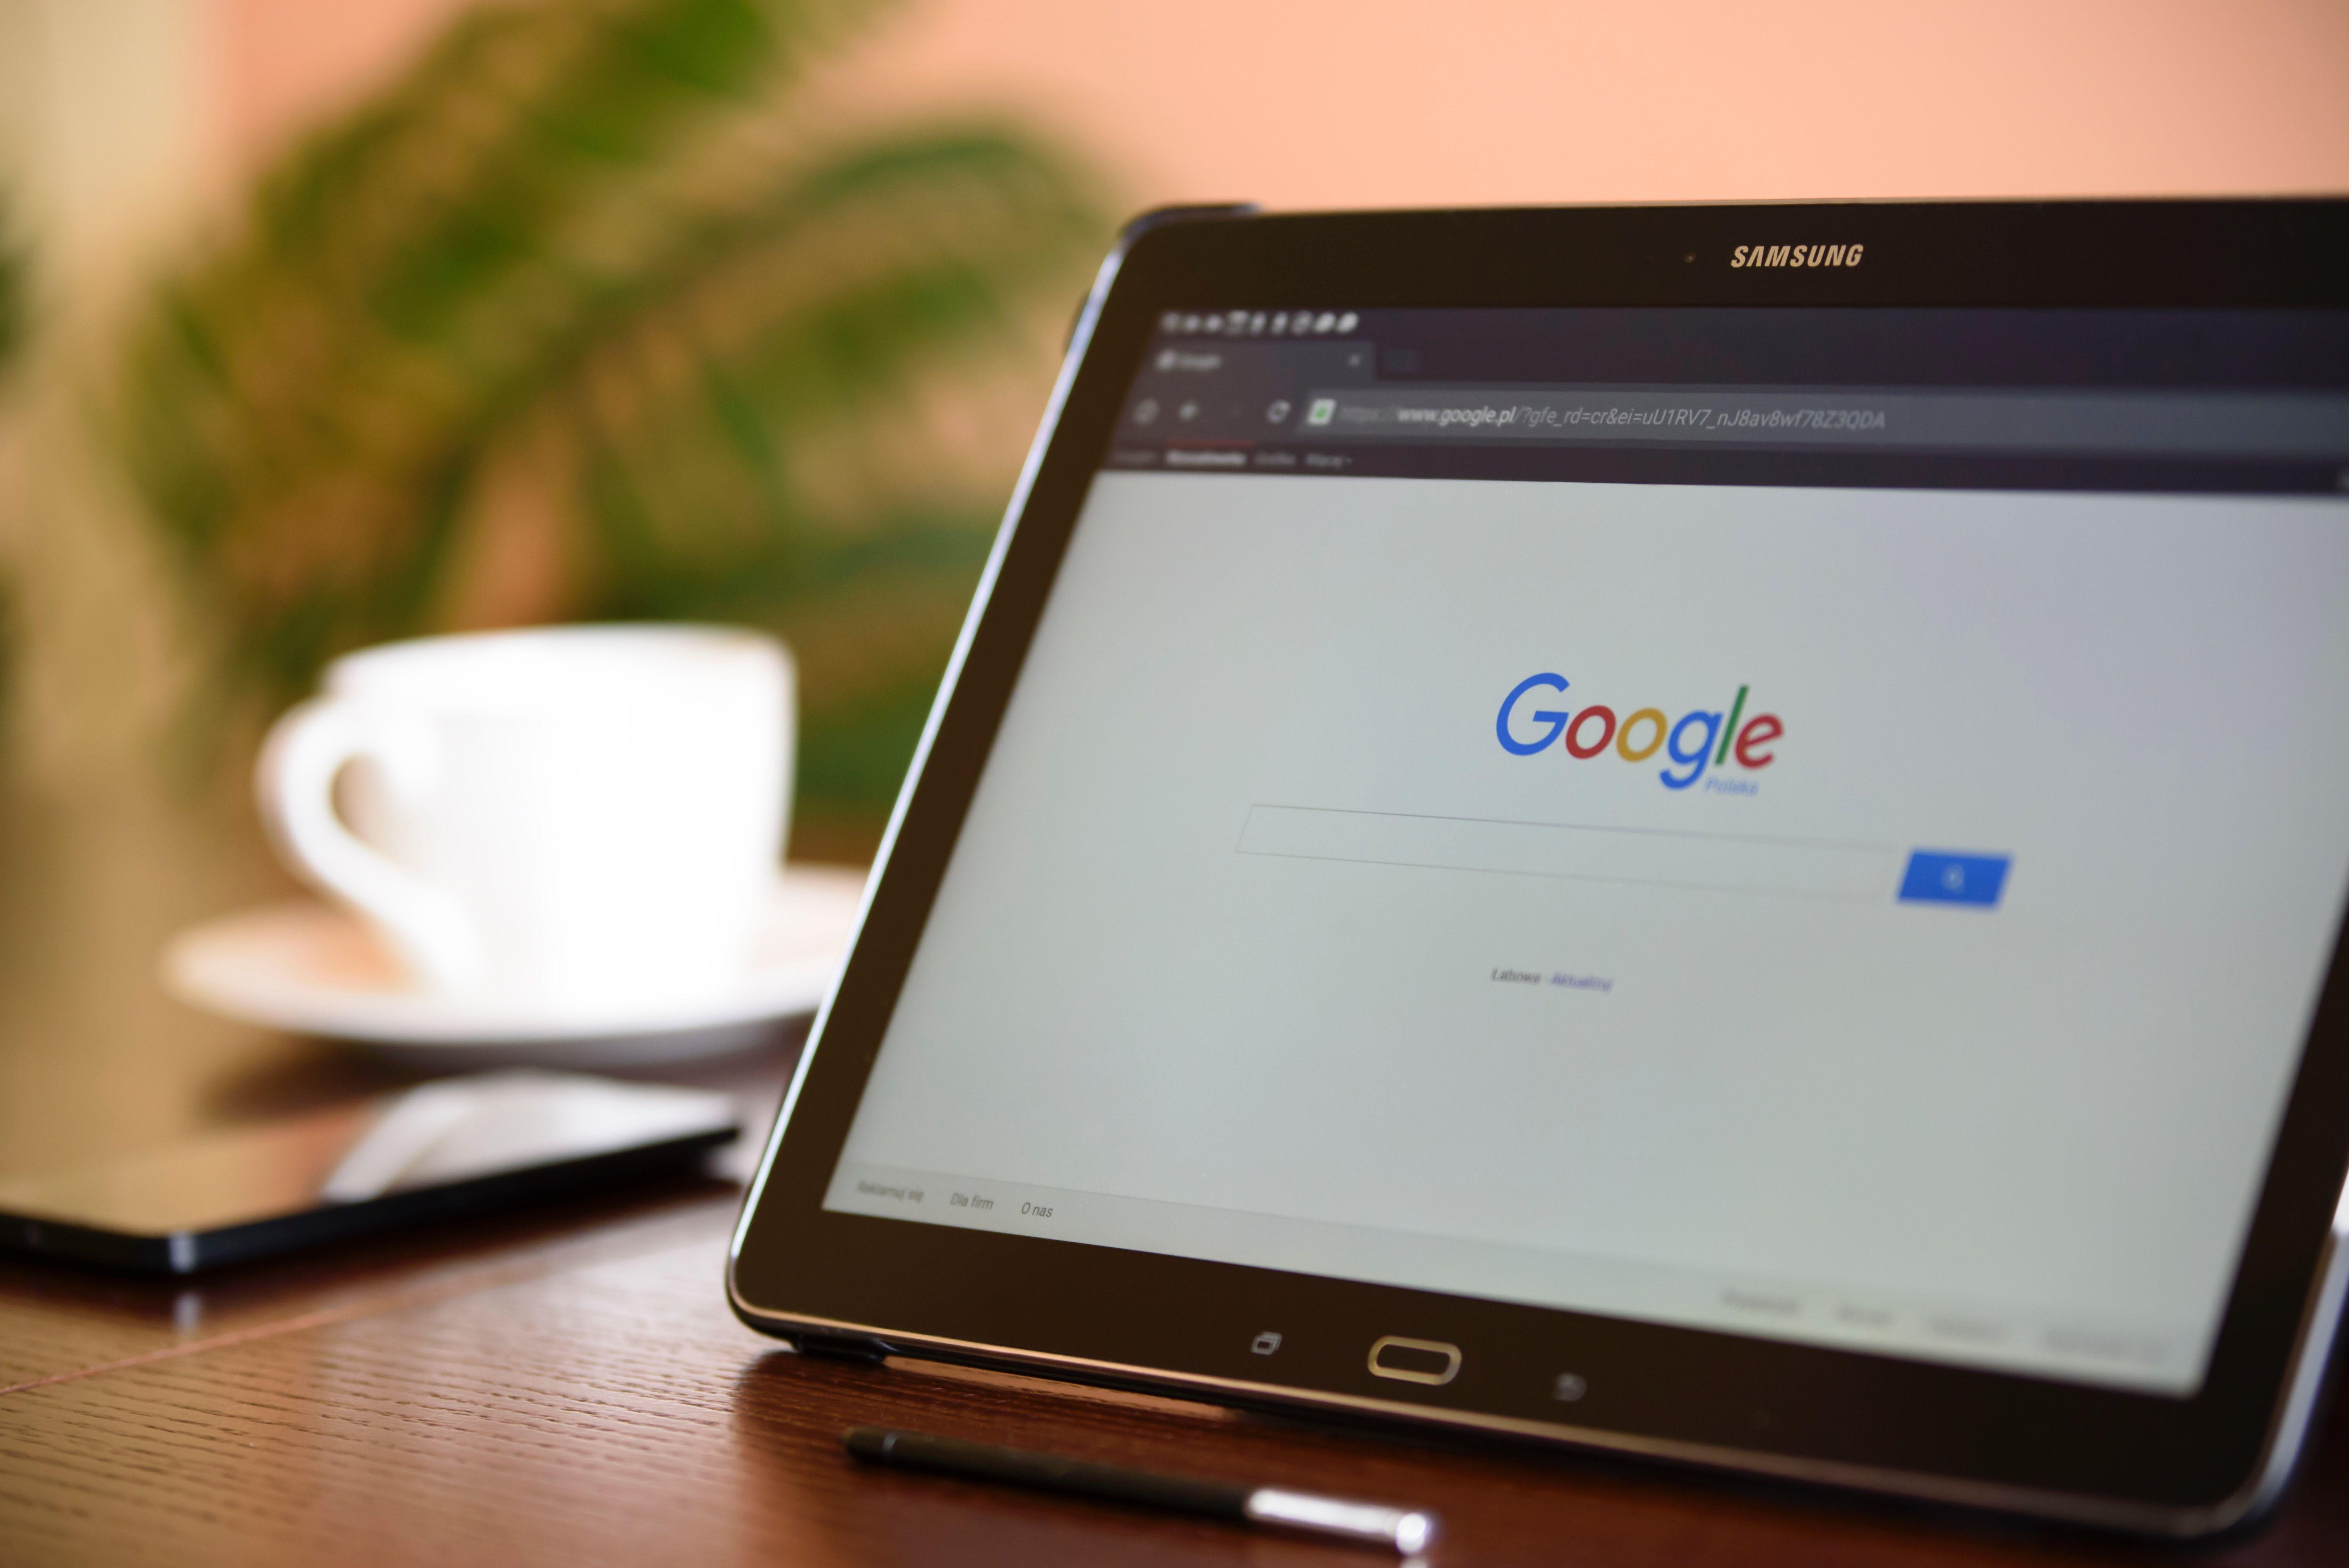 La CNIL infligge sanzione di 50 milioni di euro a Google LLC per violazione del Regolamento UE 2016/679